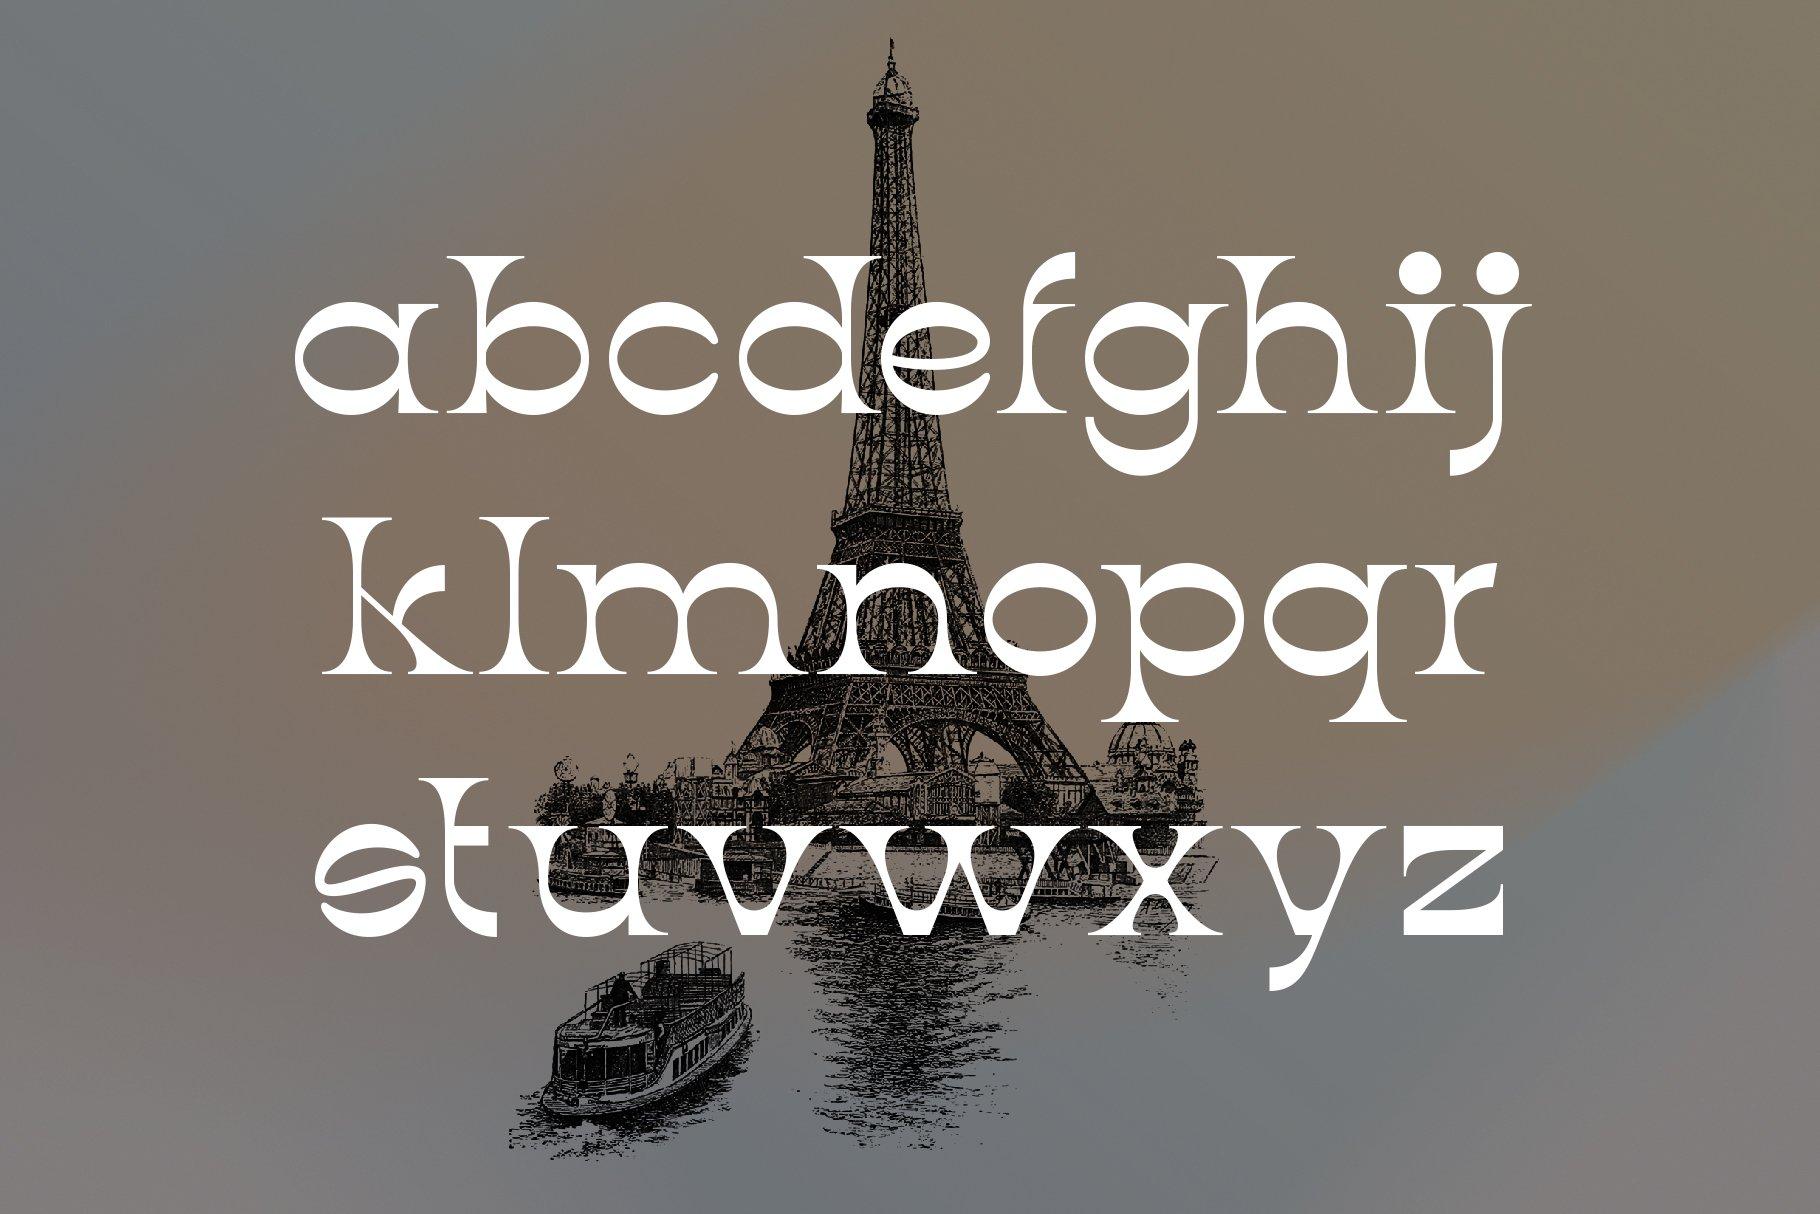 潮流复古酸性逆反差标题徽标Logo设计衬线英文字体素材 Aurora Font插图4